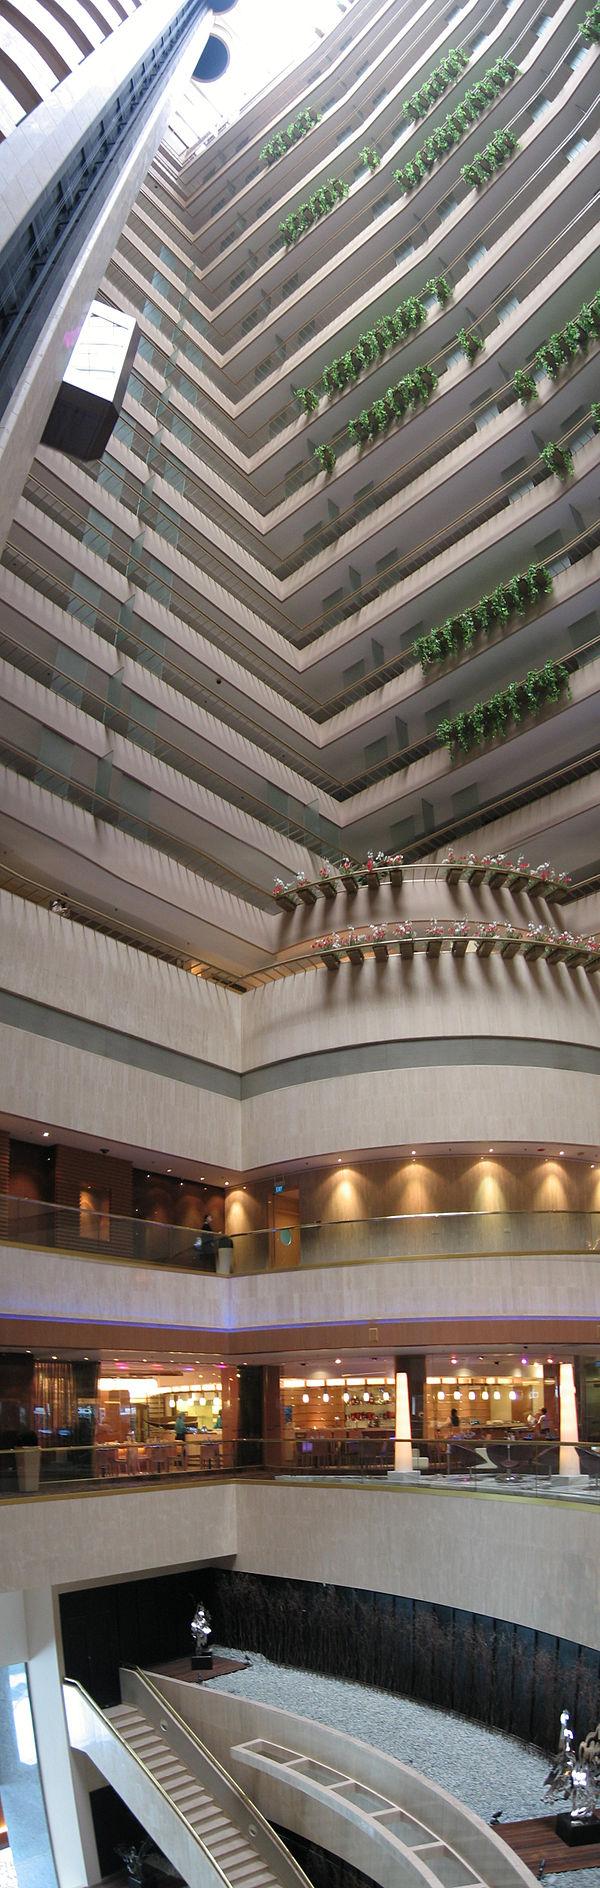 Fairmont Singapore - Room Deals, Photos & Reviews